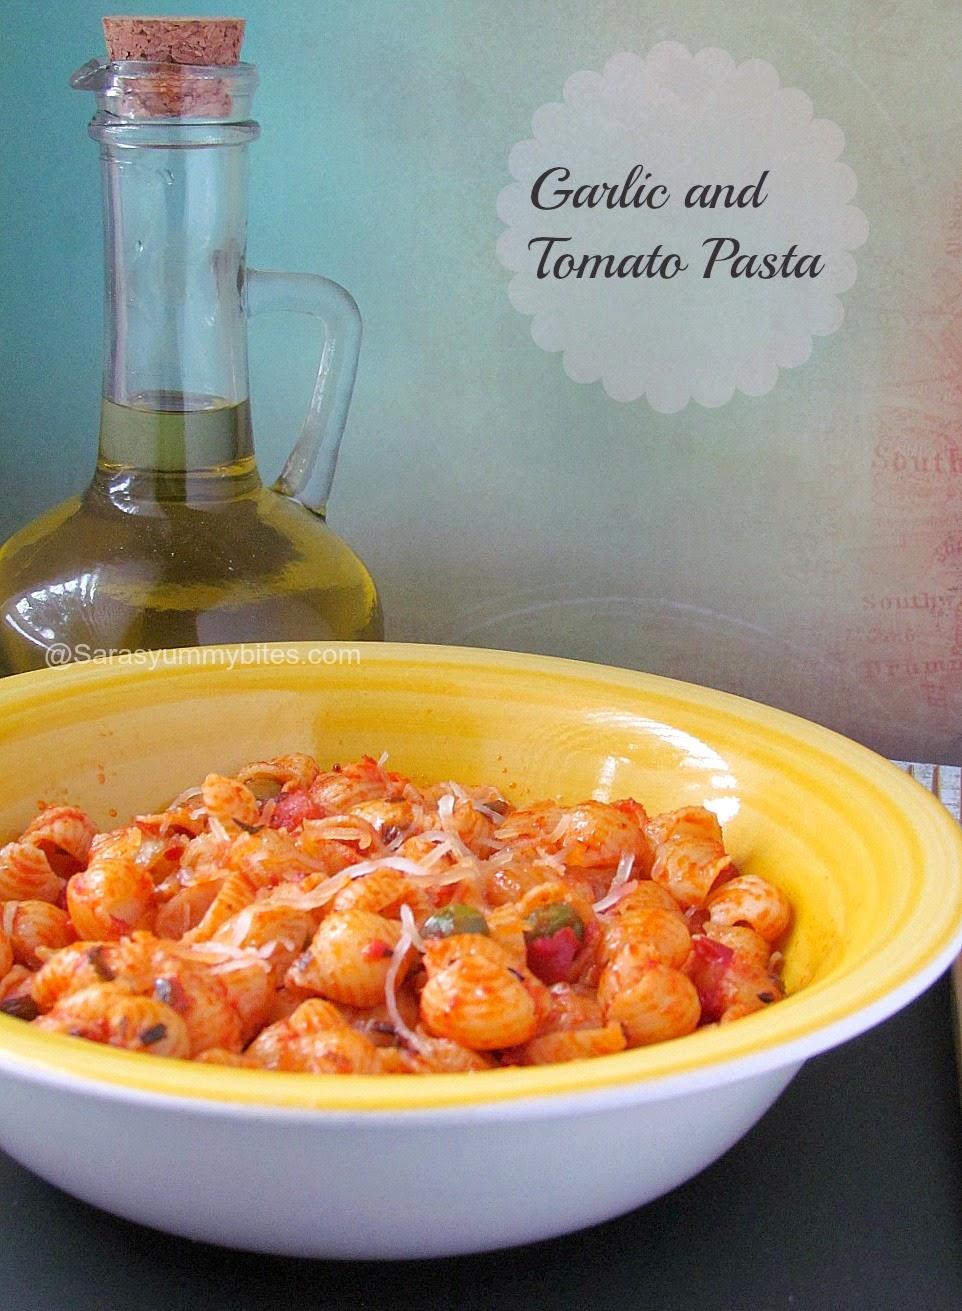 Garlic and Tomato Pasta